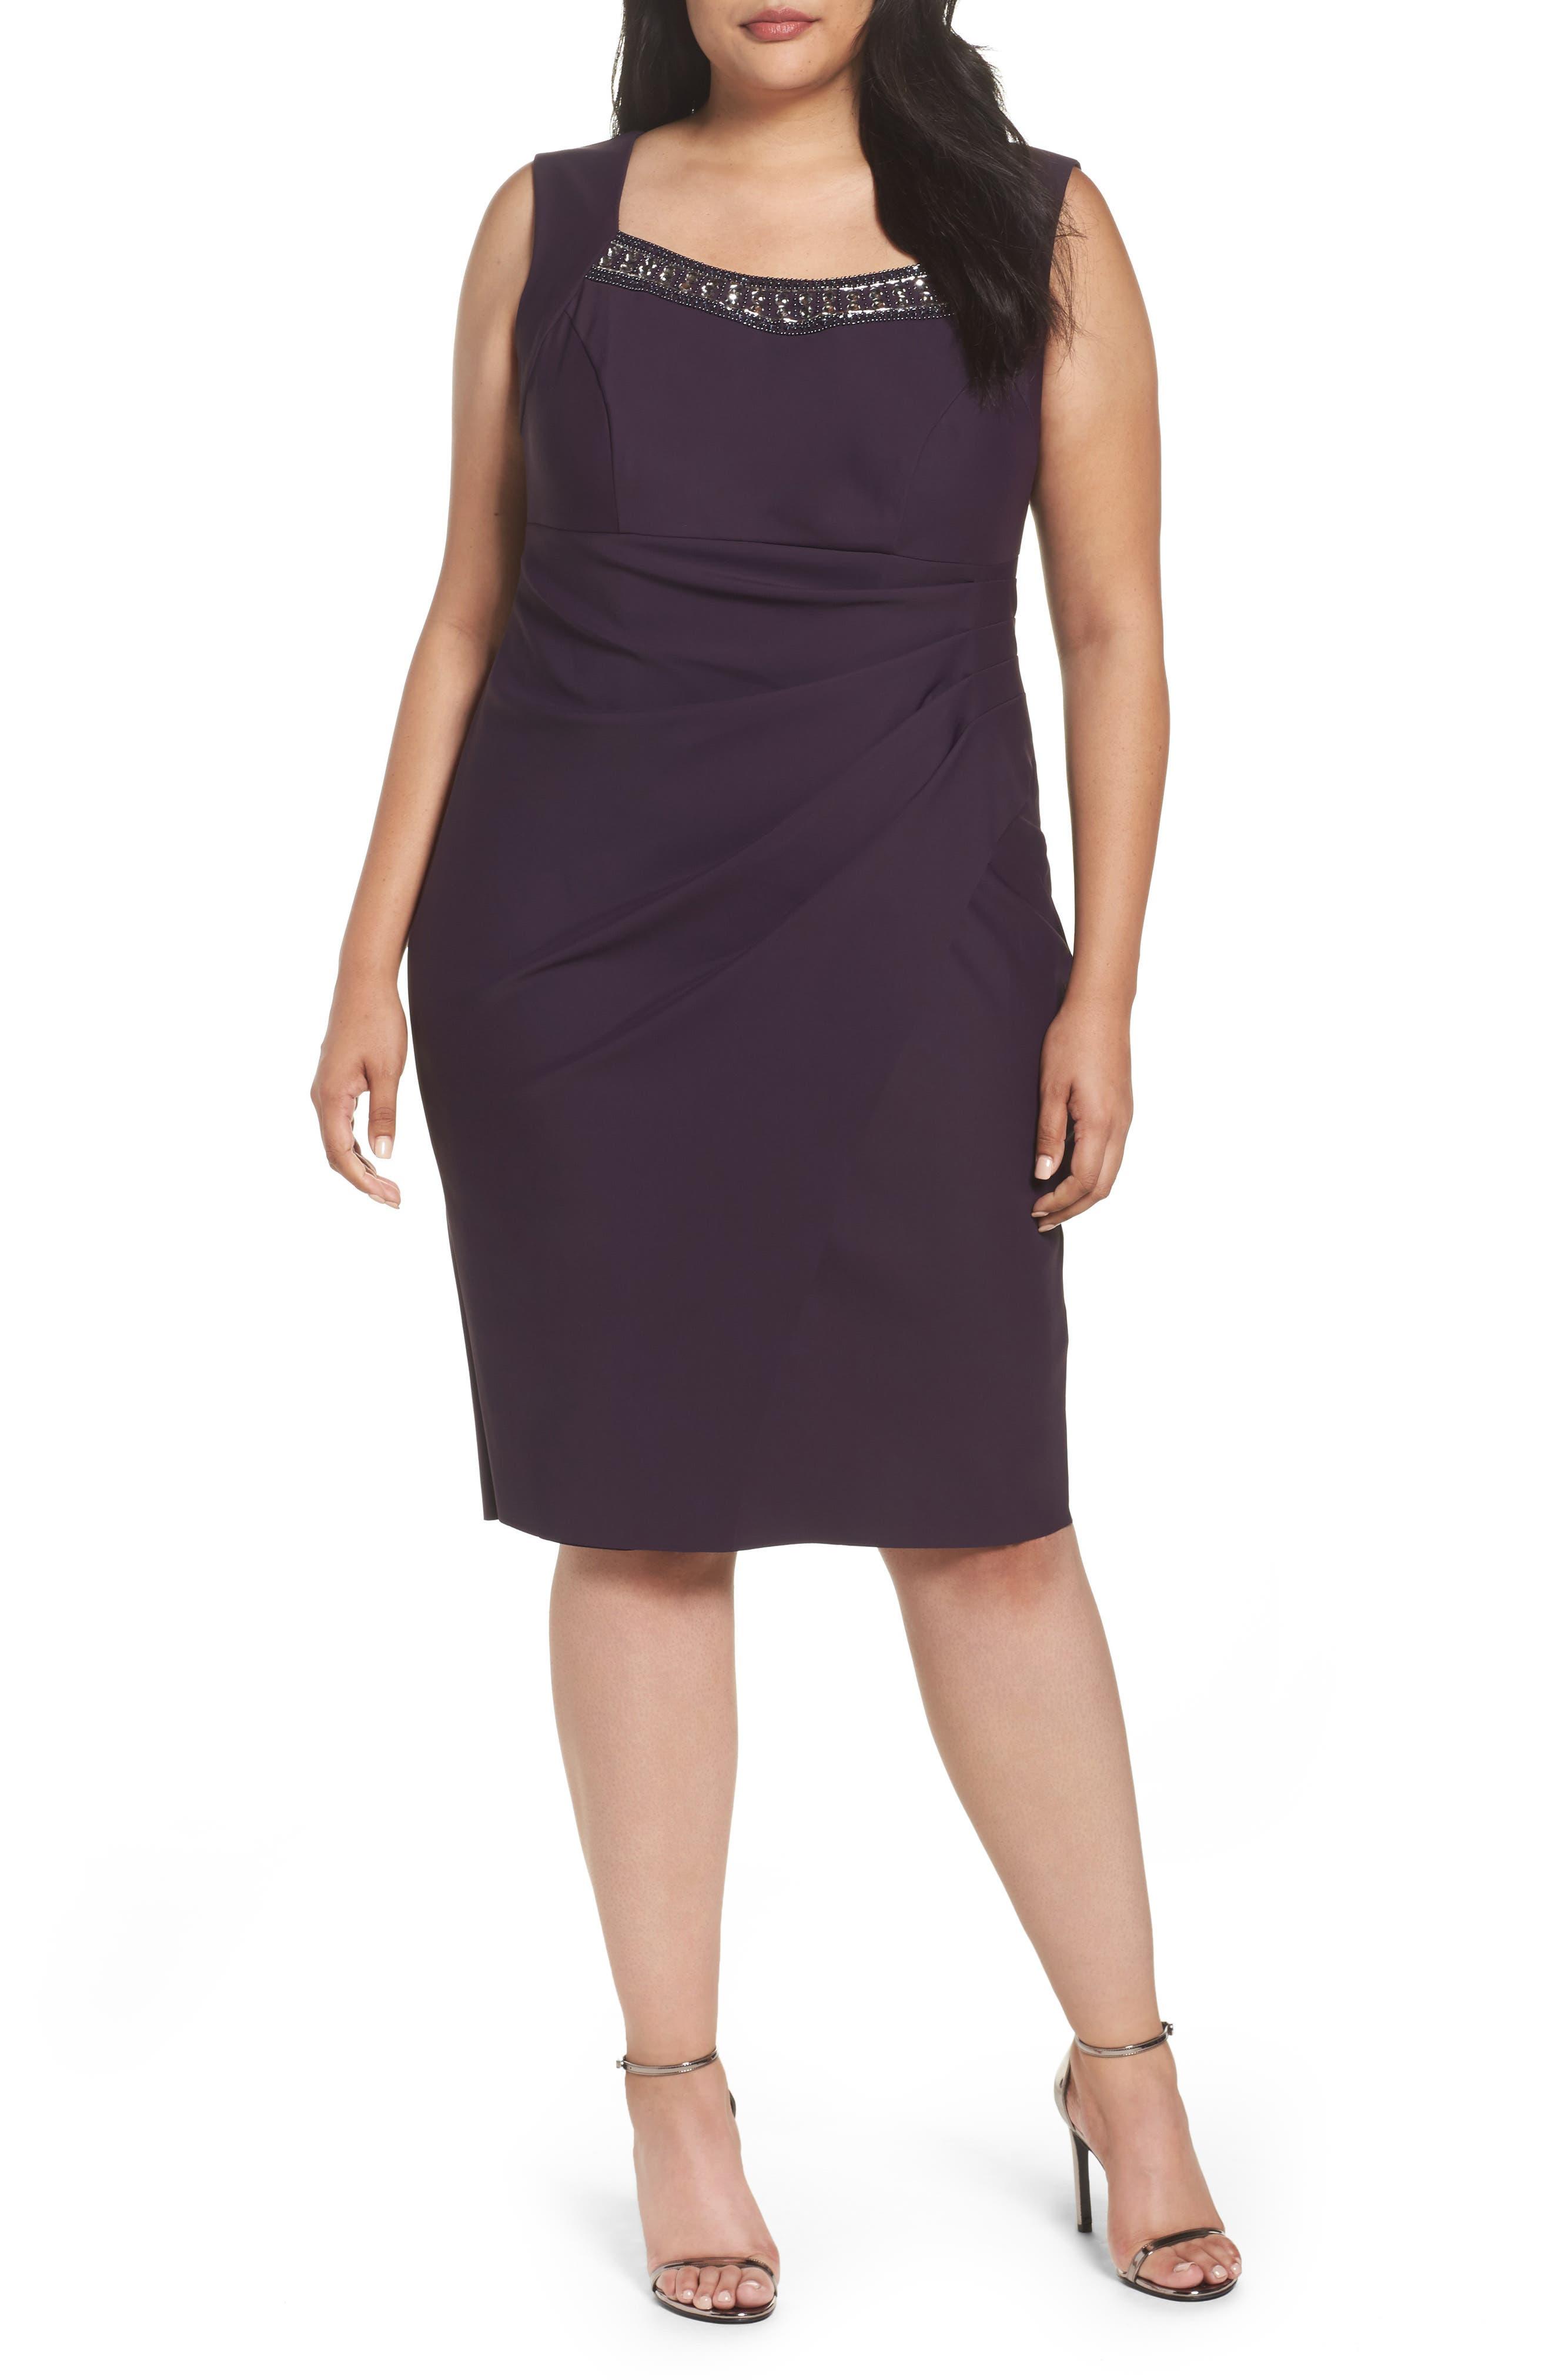 Alternate Image 1 Selected - Alex Evenings Embellished Square Neck Sleeveless Sheath Dress (Plus Size)